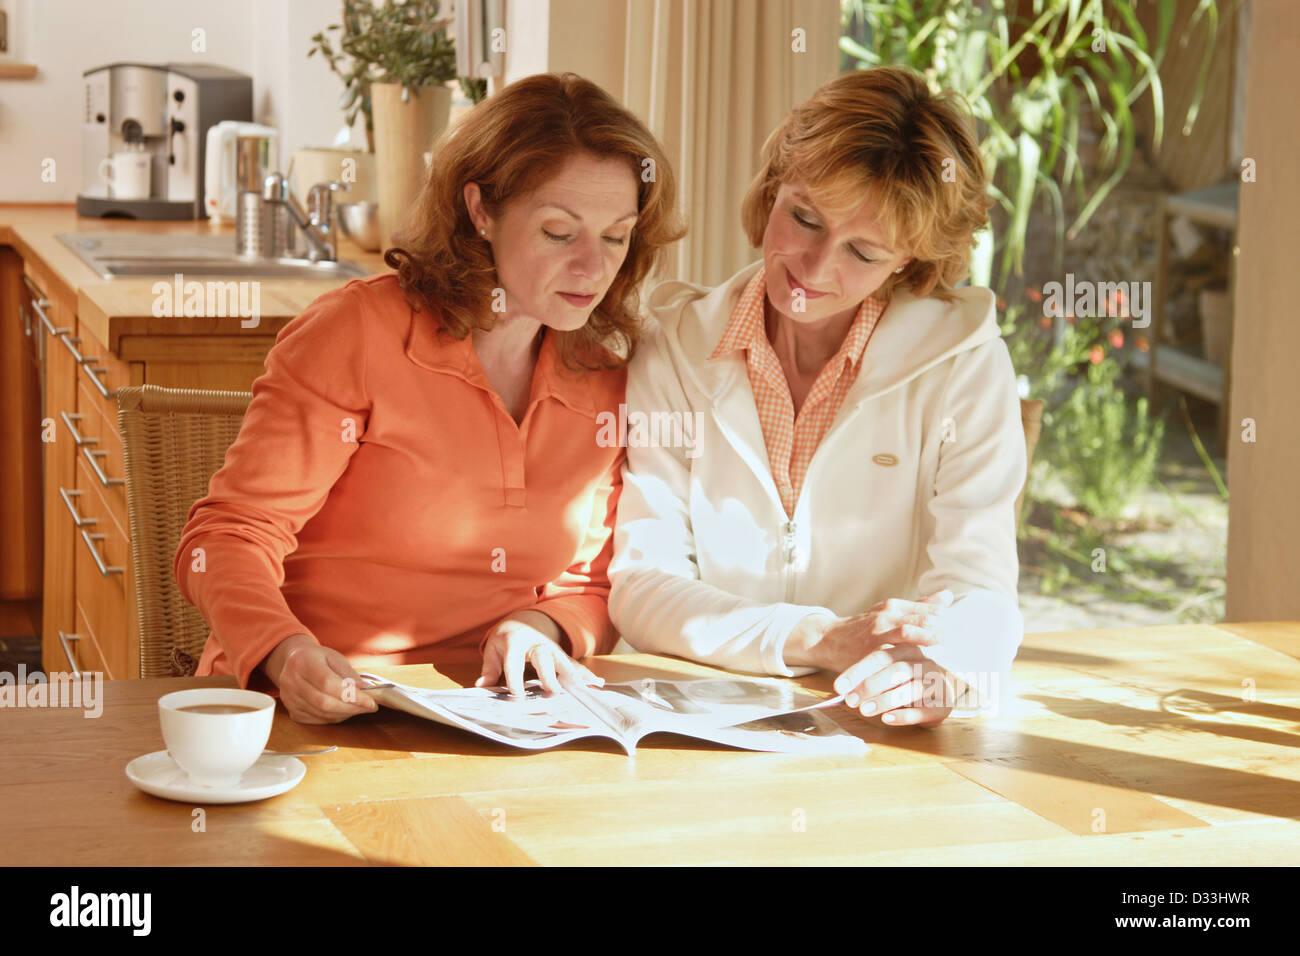 Le donne a sfogliare un catalogo Immagini Stock